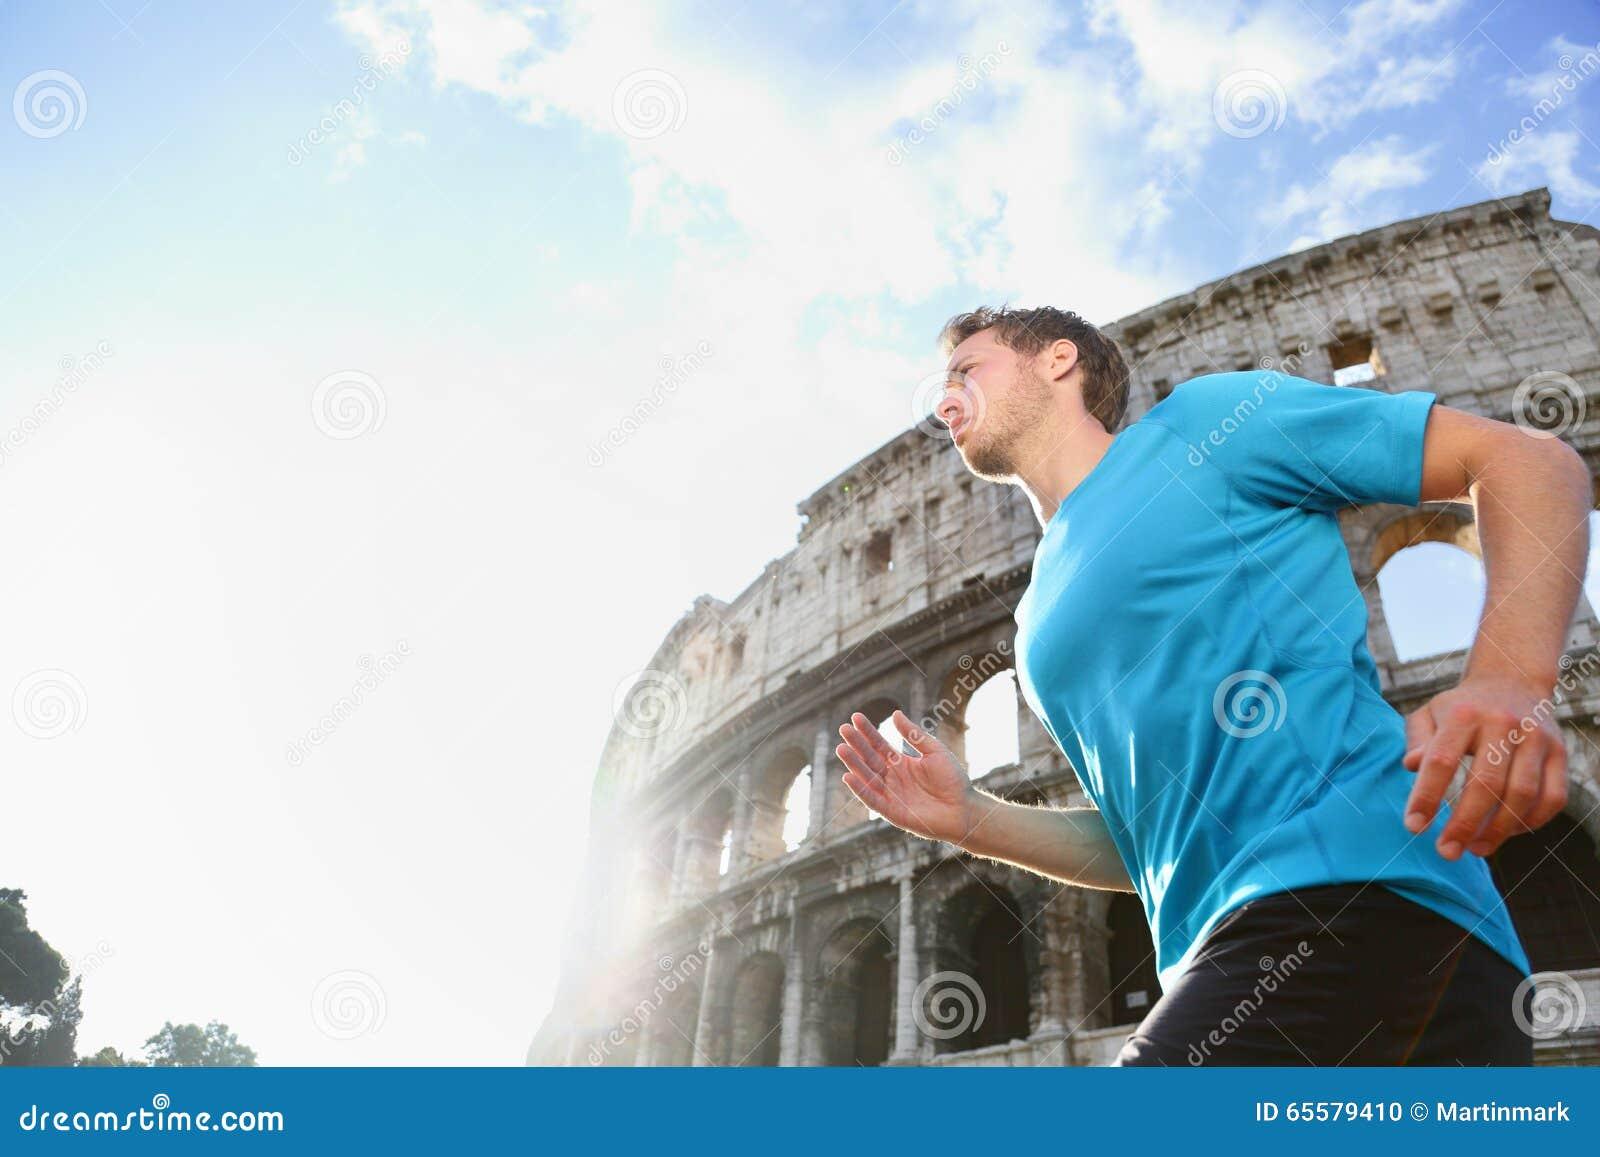 Löpare som joggar och kör mot Colosseum